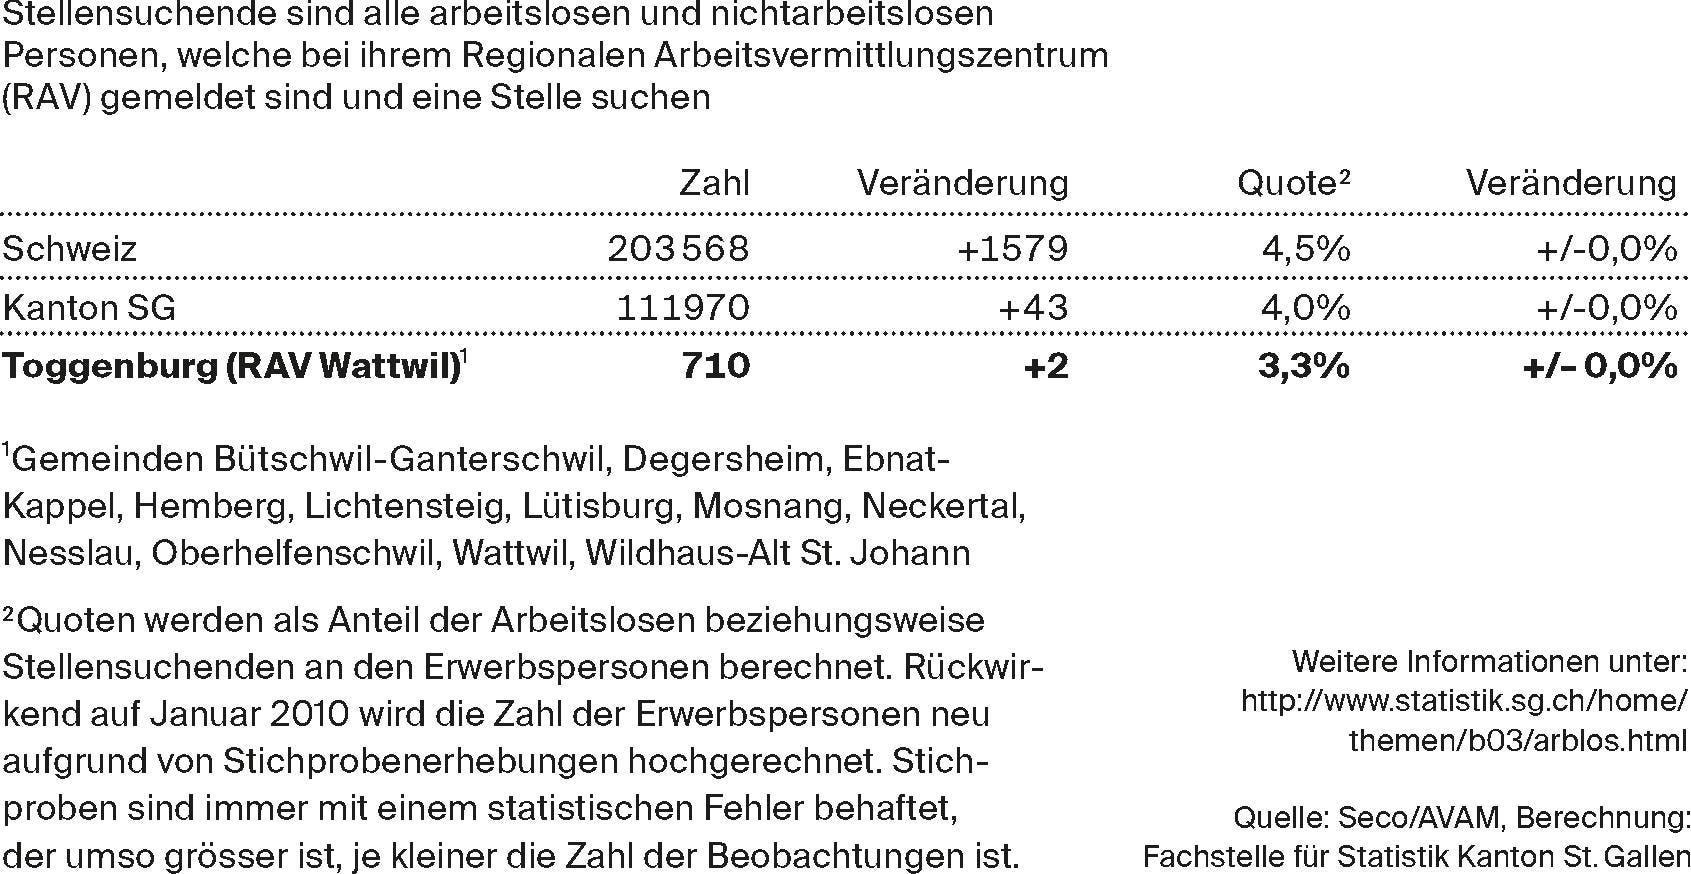 Mnner - Zehnder Print AG